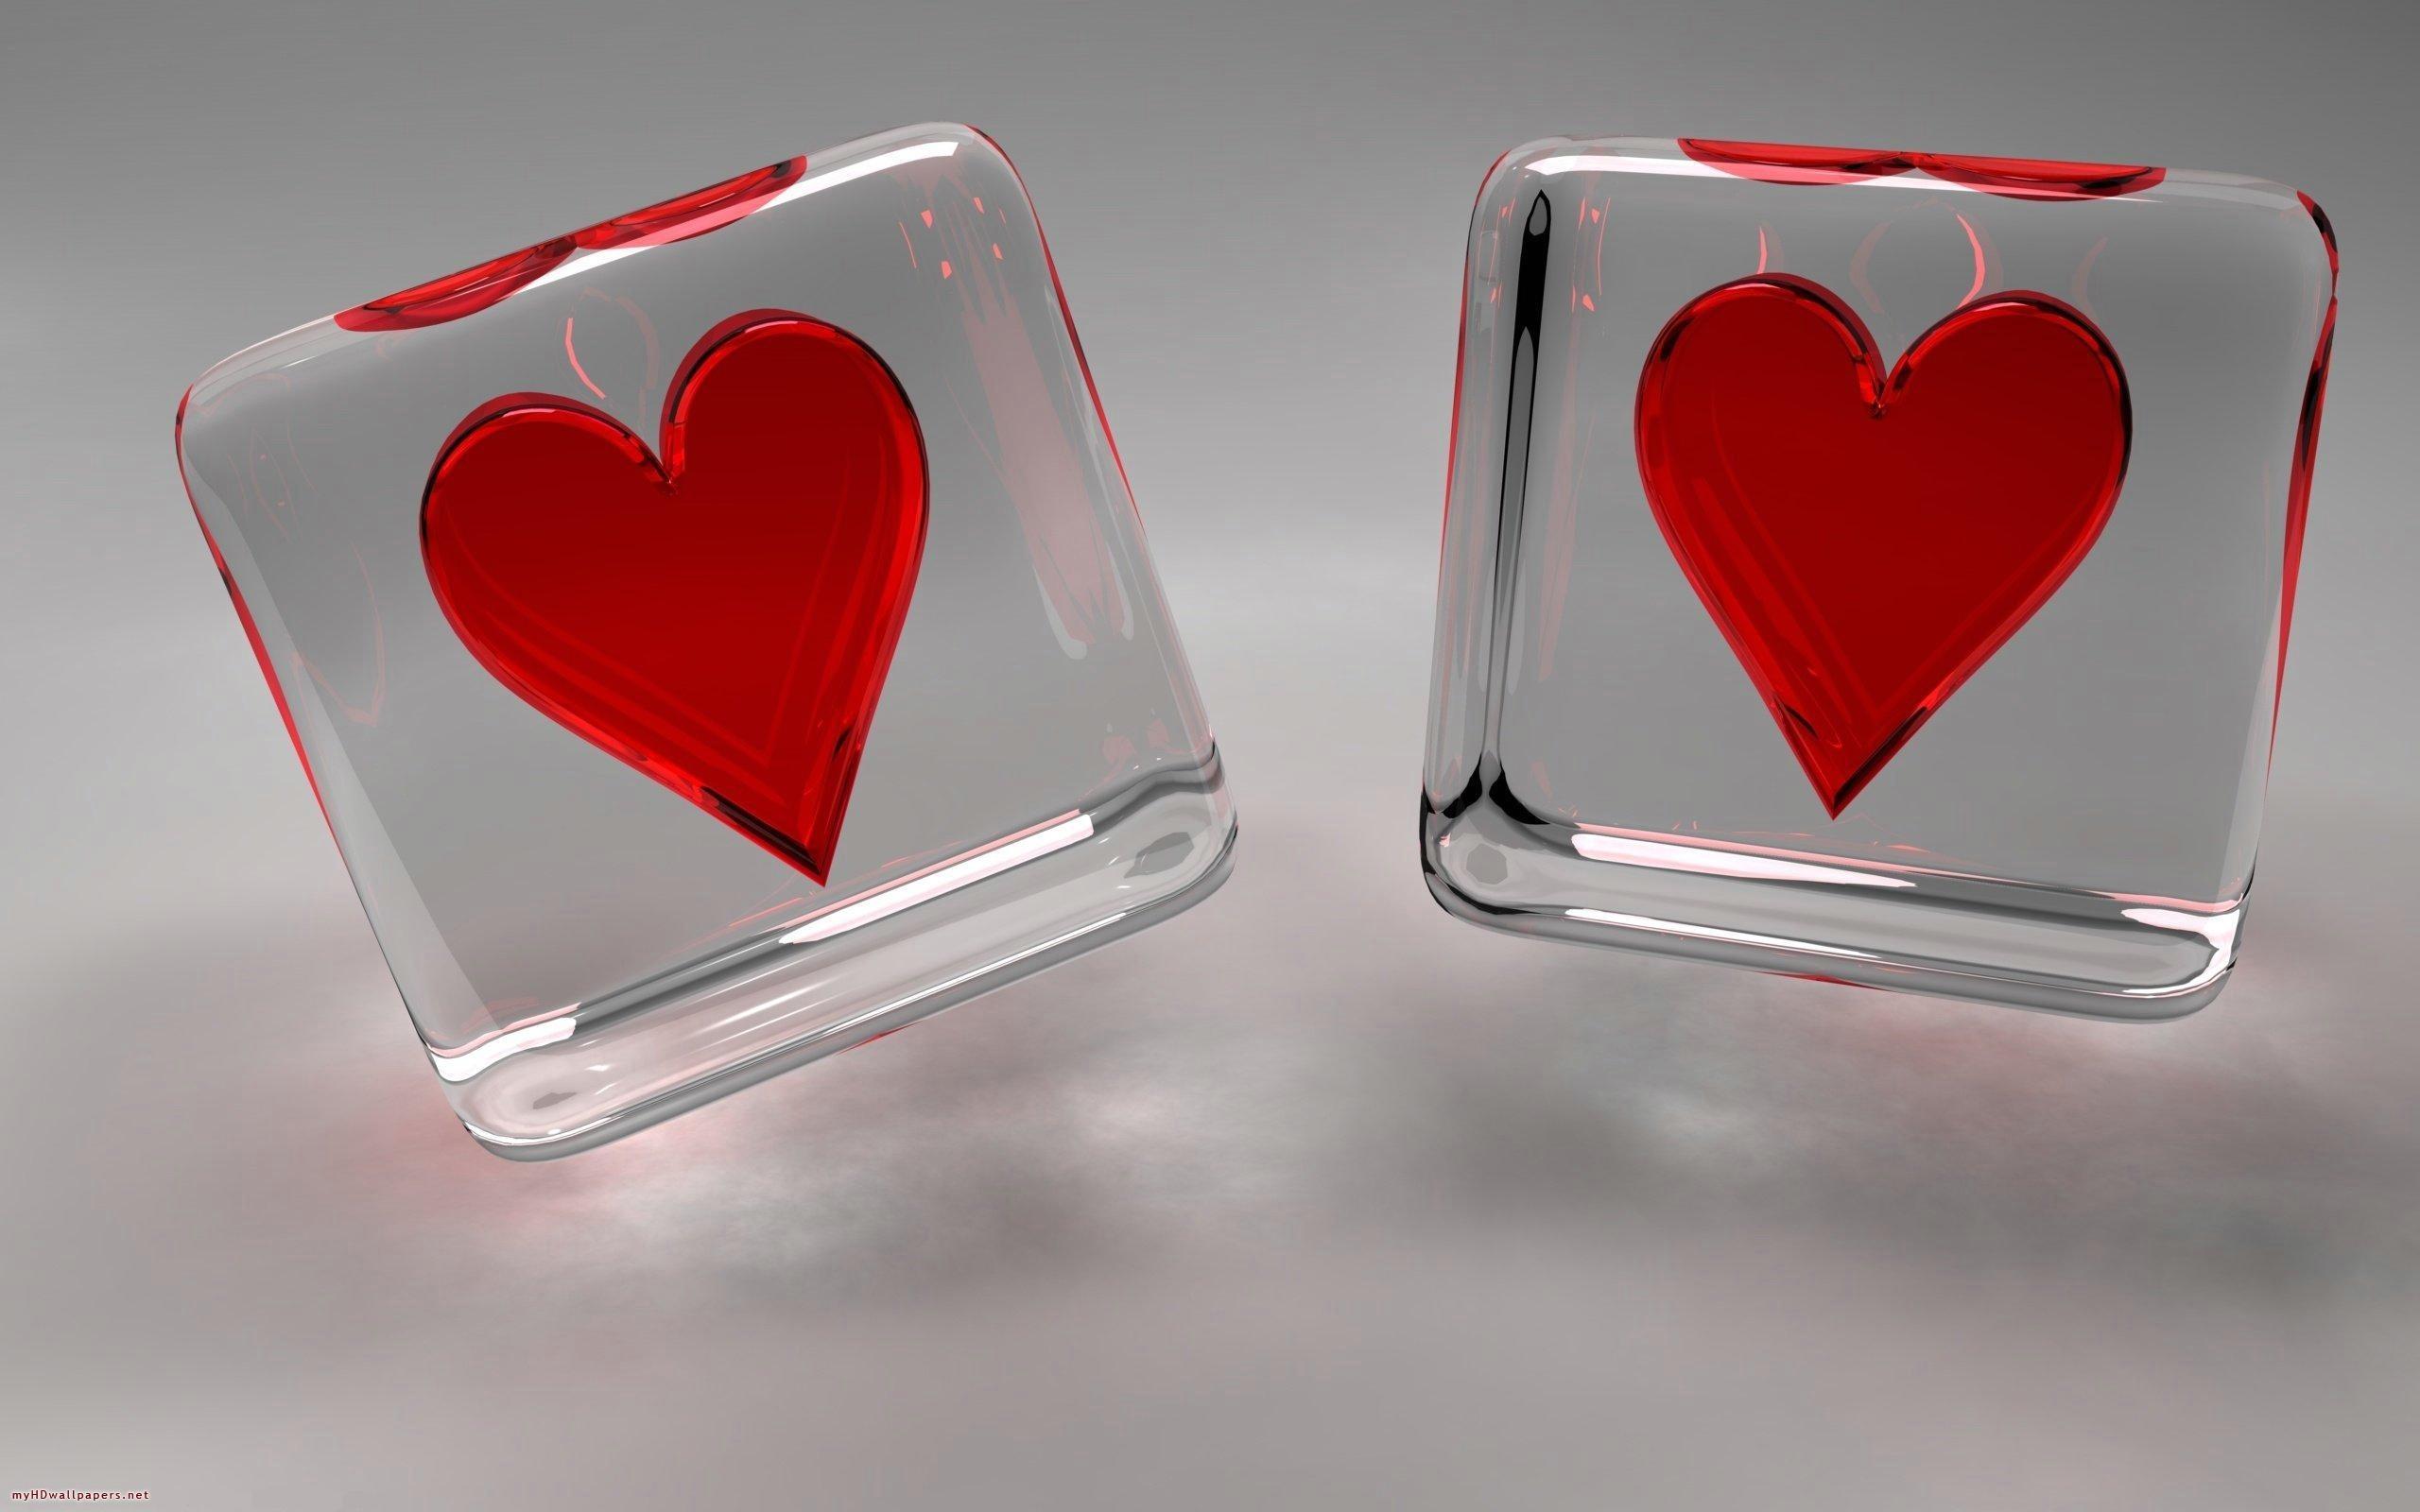 Dados de corazones - 2560x1600